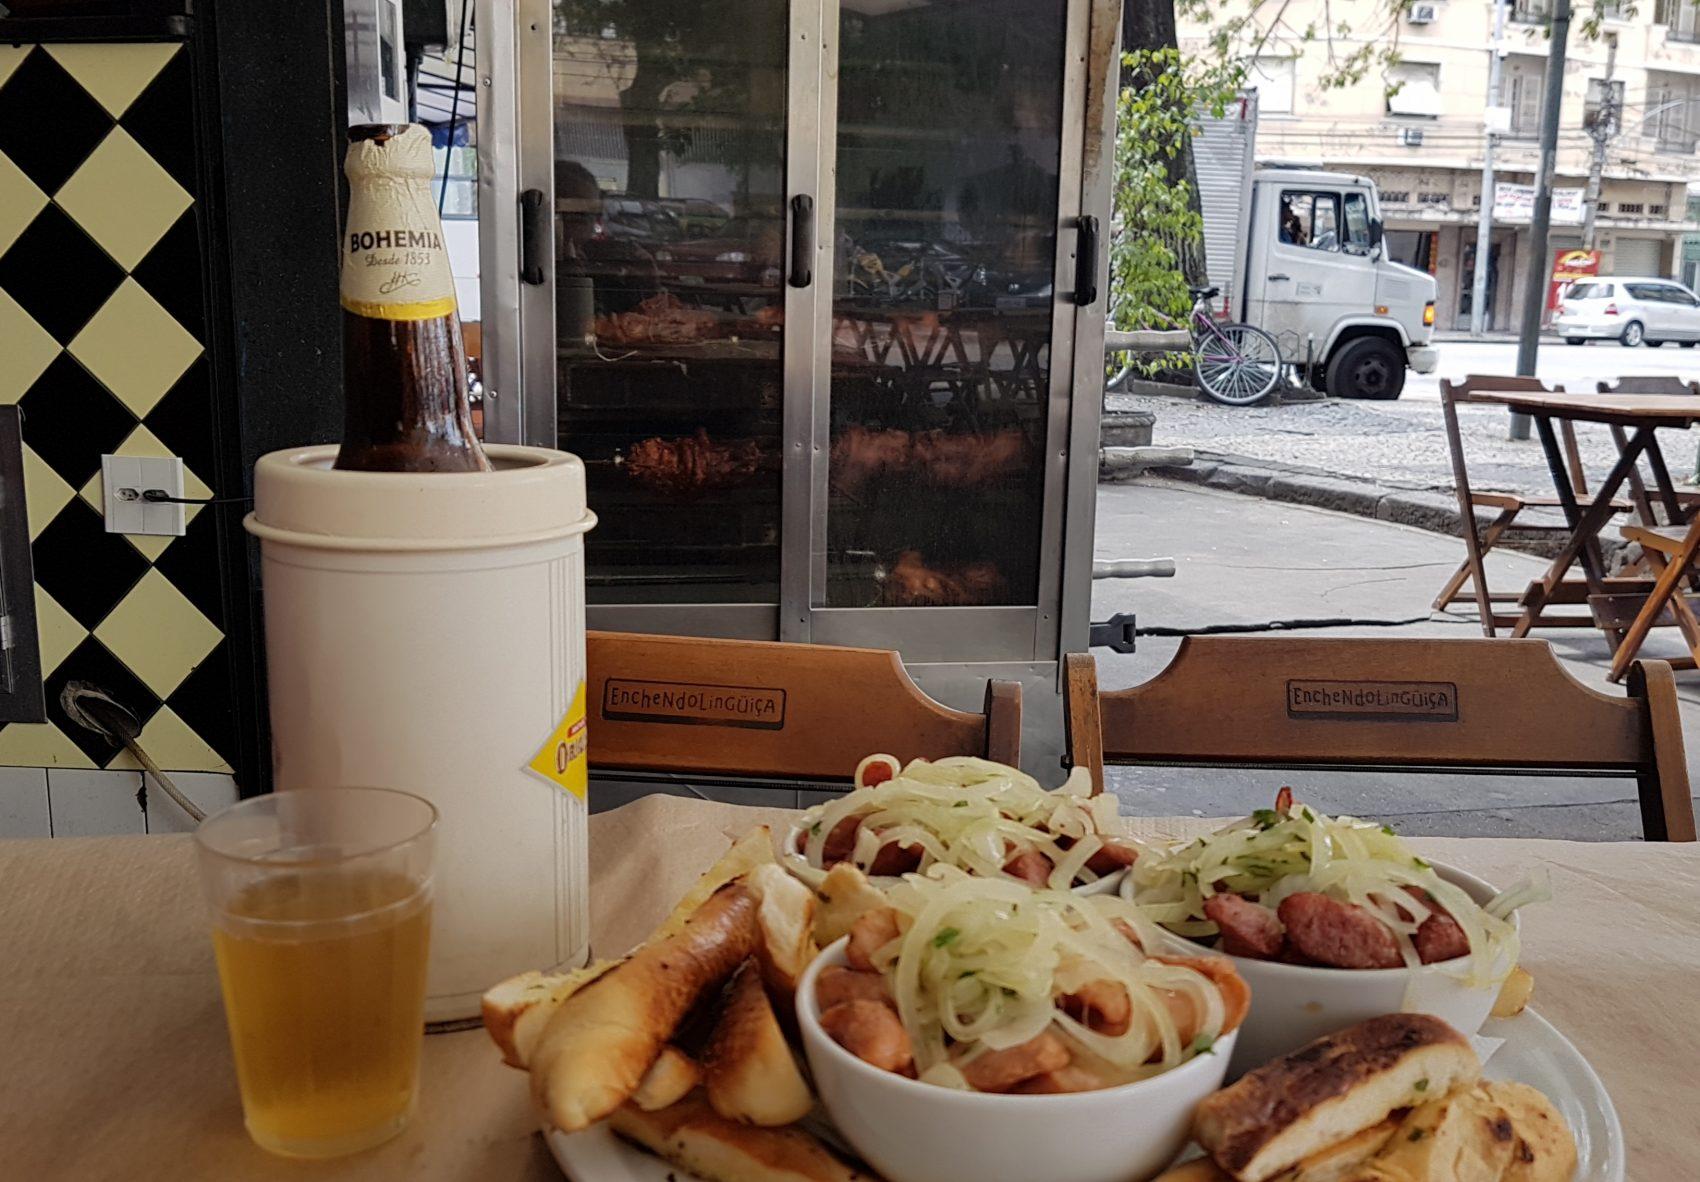 Três tipos de linguiça, cerveja e a vista joelho de porco girando na assadeira: atrações do bar Enchendo Linguiça, no Grajaú (Foto: Oscar Valporto)